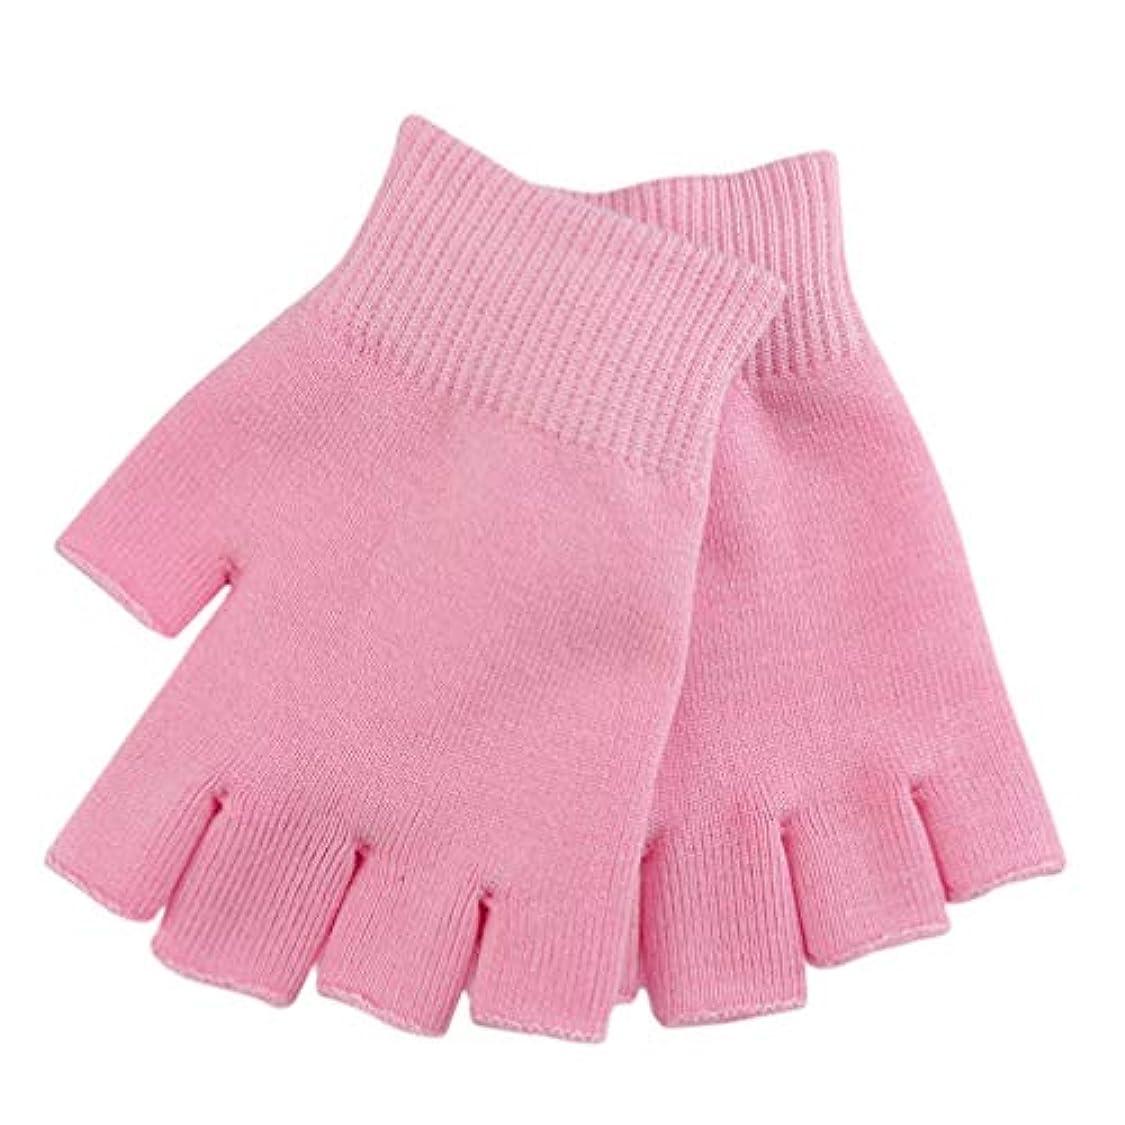 時期尚早中央値本部SUPVOX 角質除去手袋両面角質除去シャワーバススクラブグローブ角質除去手袋ボディシャワースパバス角質除去